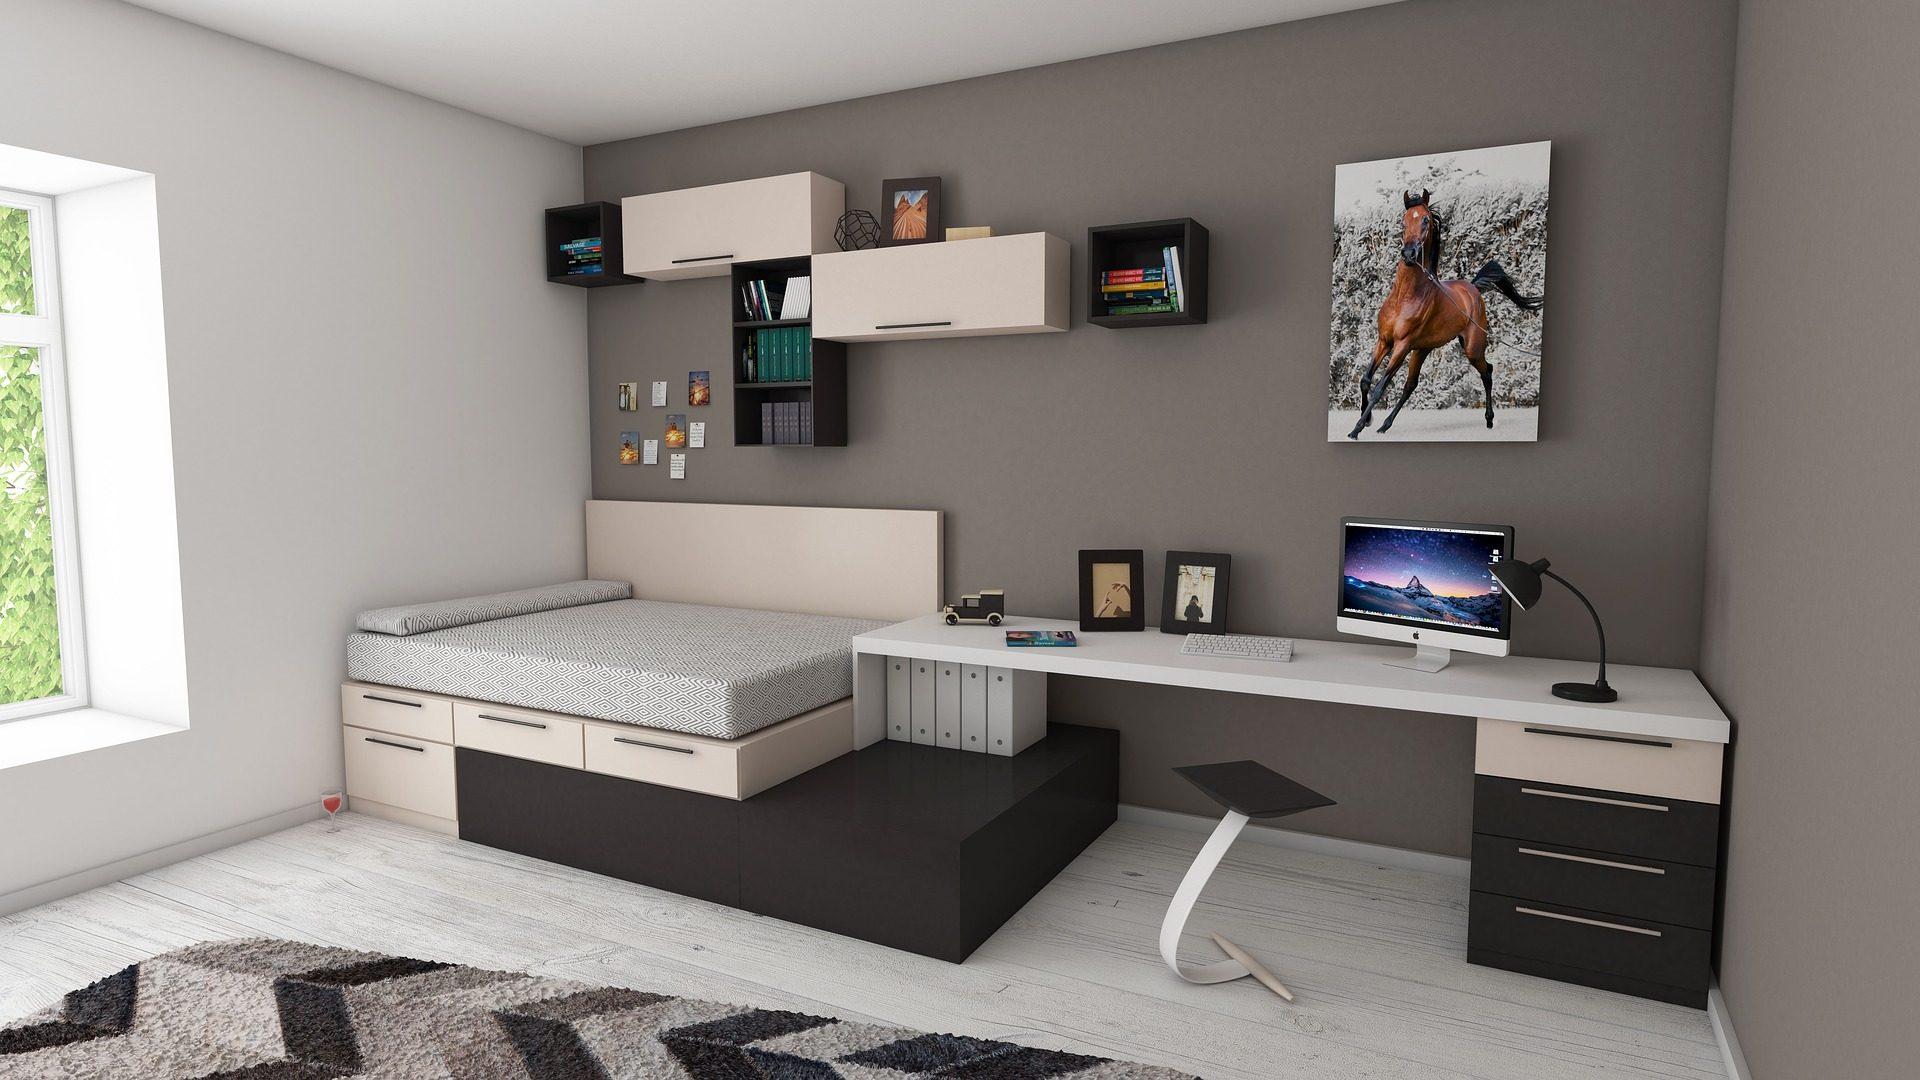 Appartamento, camera, camera da letto, Desktop, letto, computer - Sfondi HD - Professor-falken.com